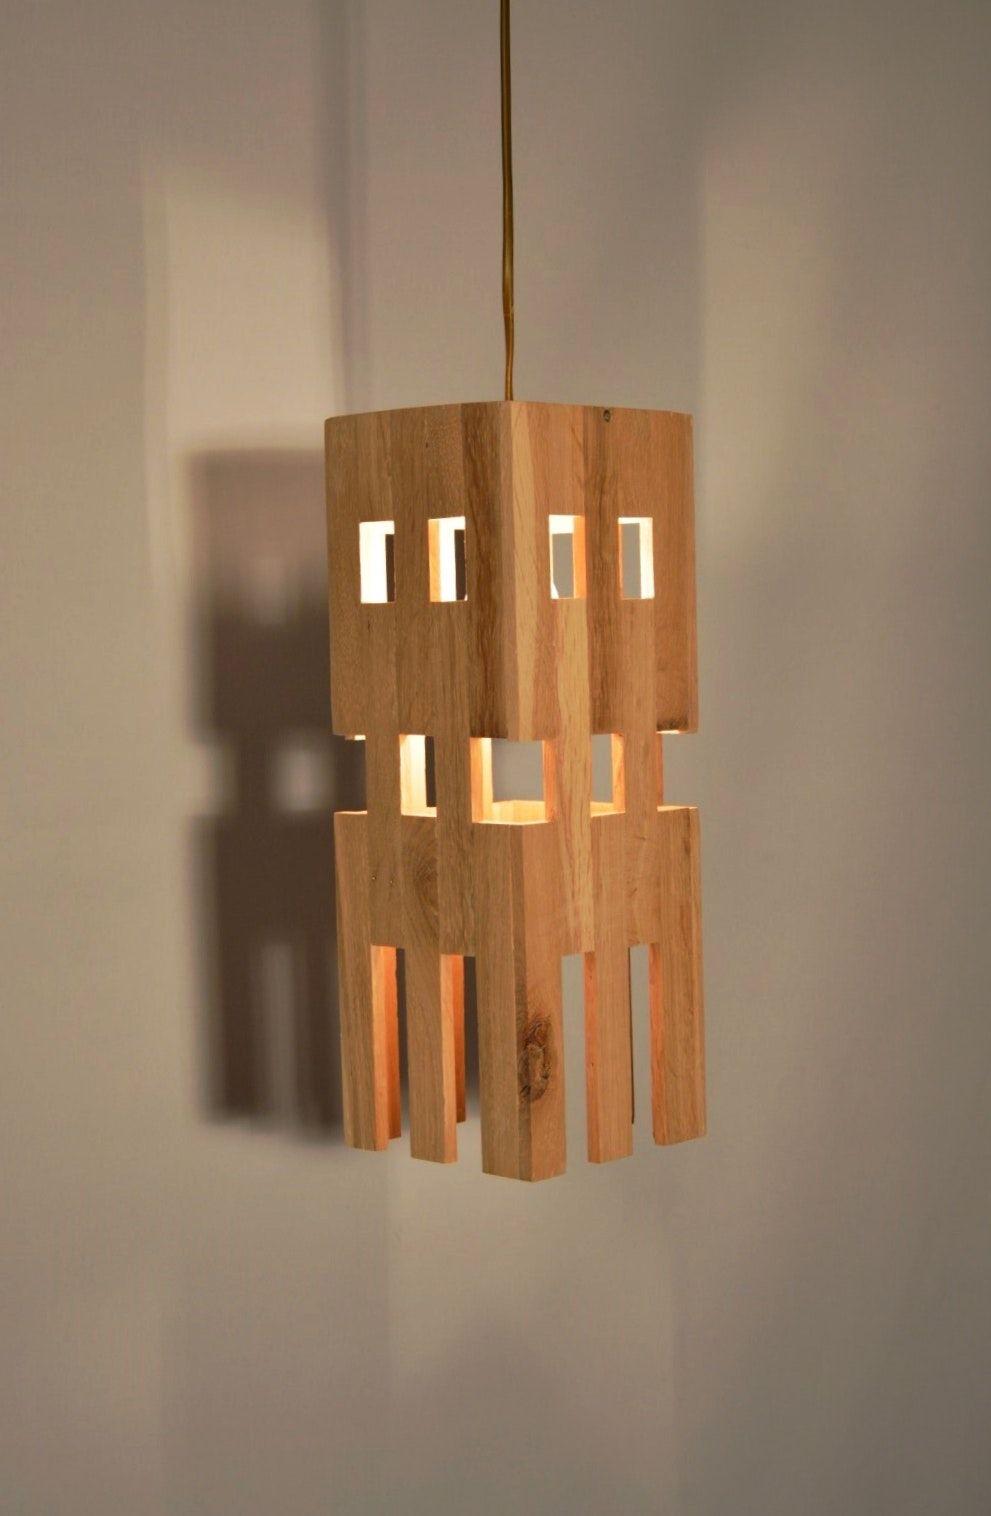 ACHYA Design pendant lamp in oak wood Design lamp in oak wood MADE